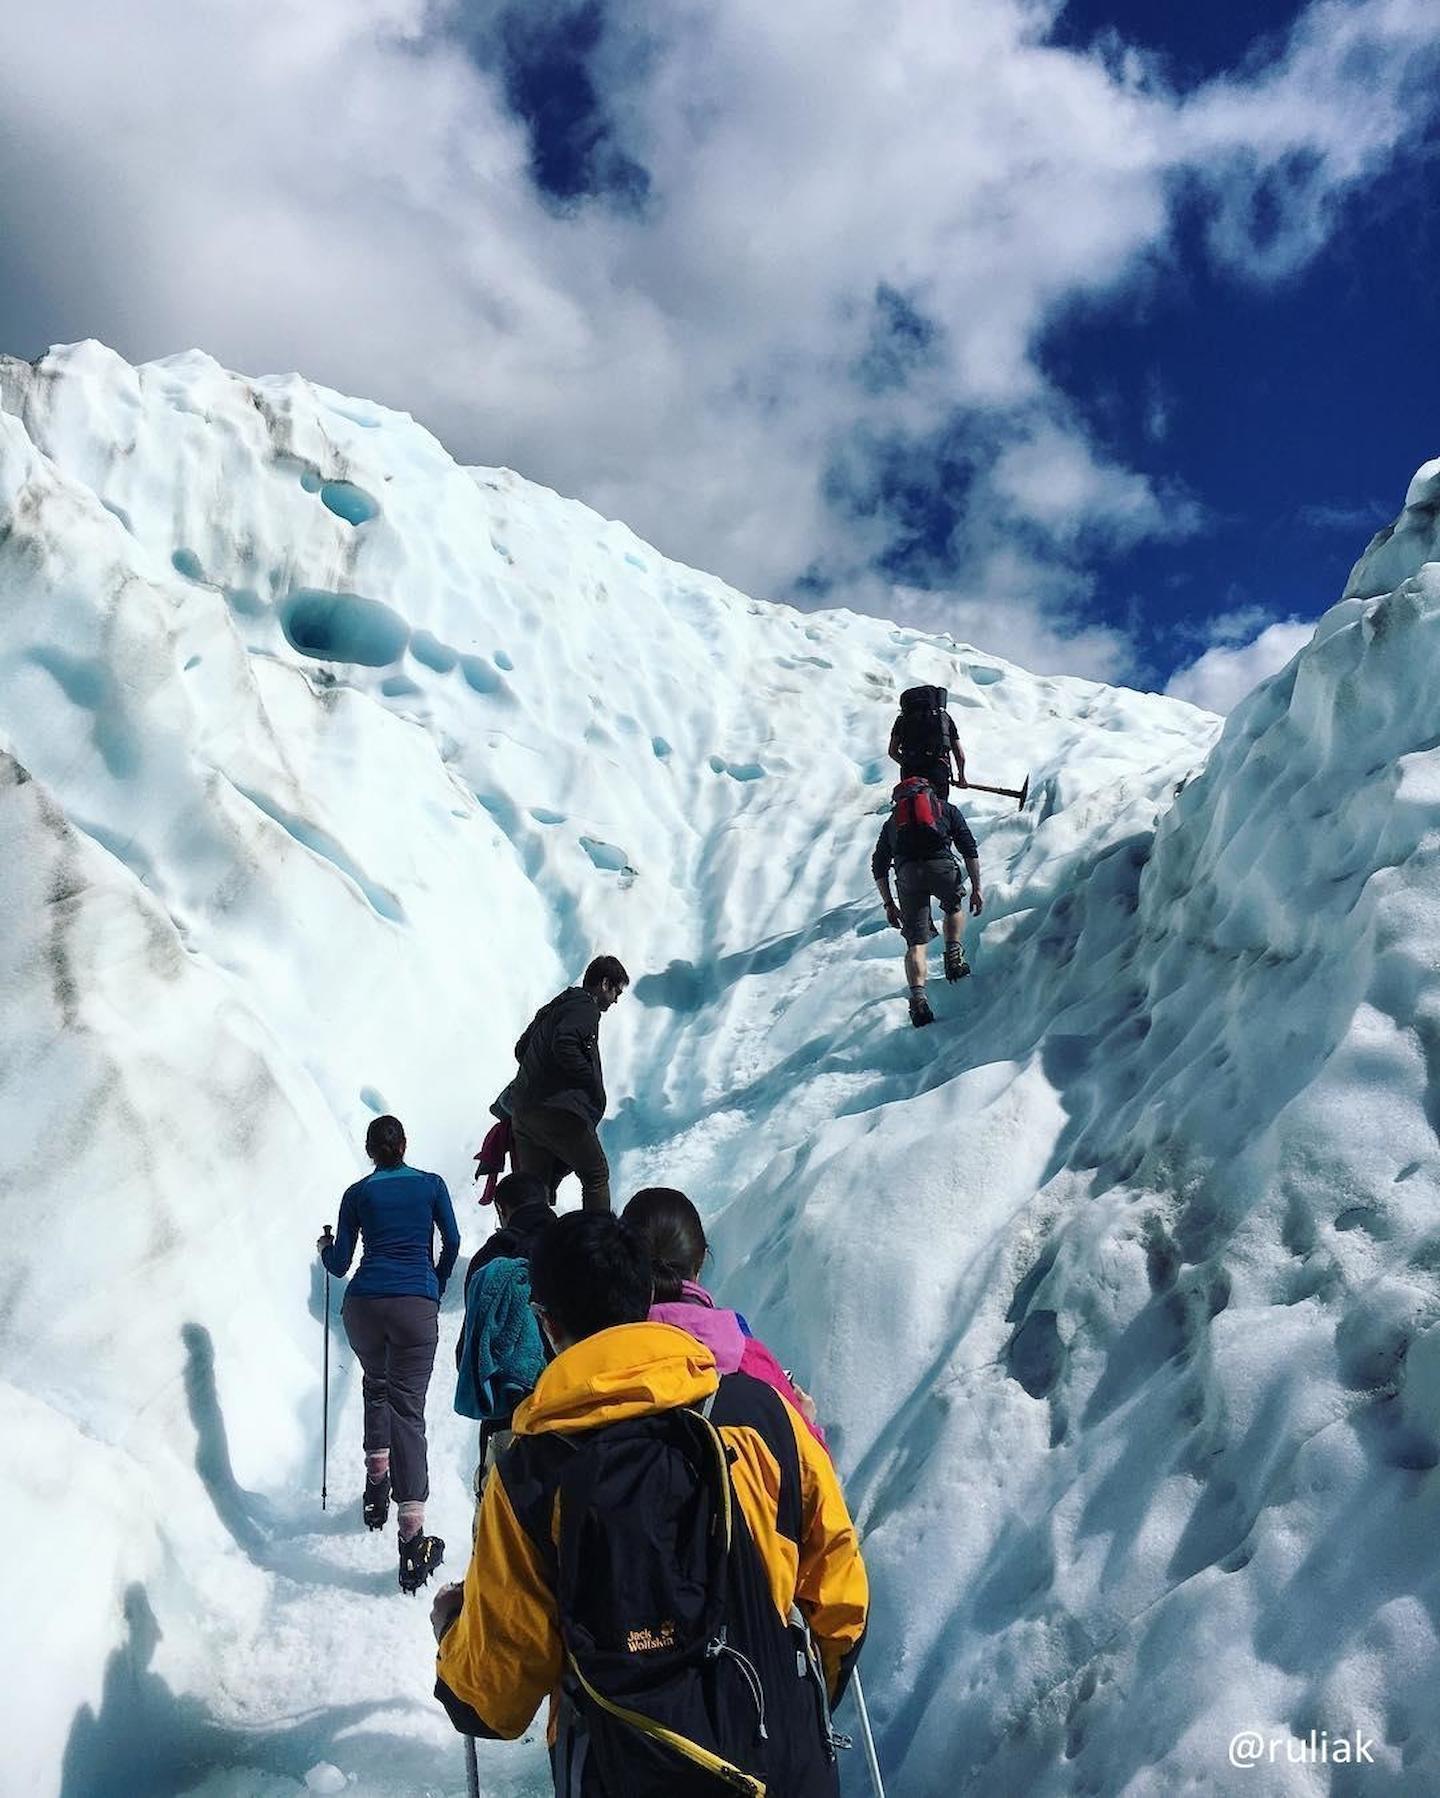 The Magnificent Fox Glacier